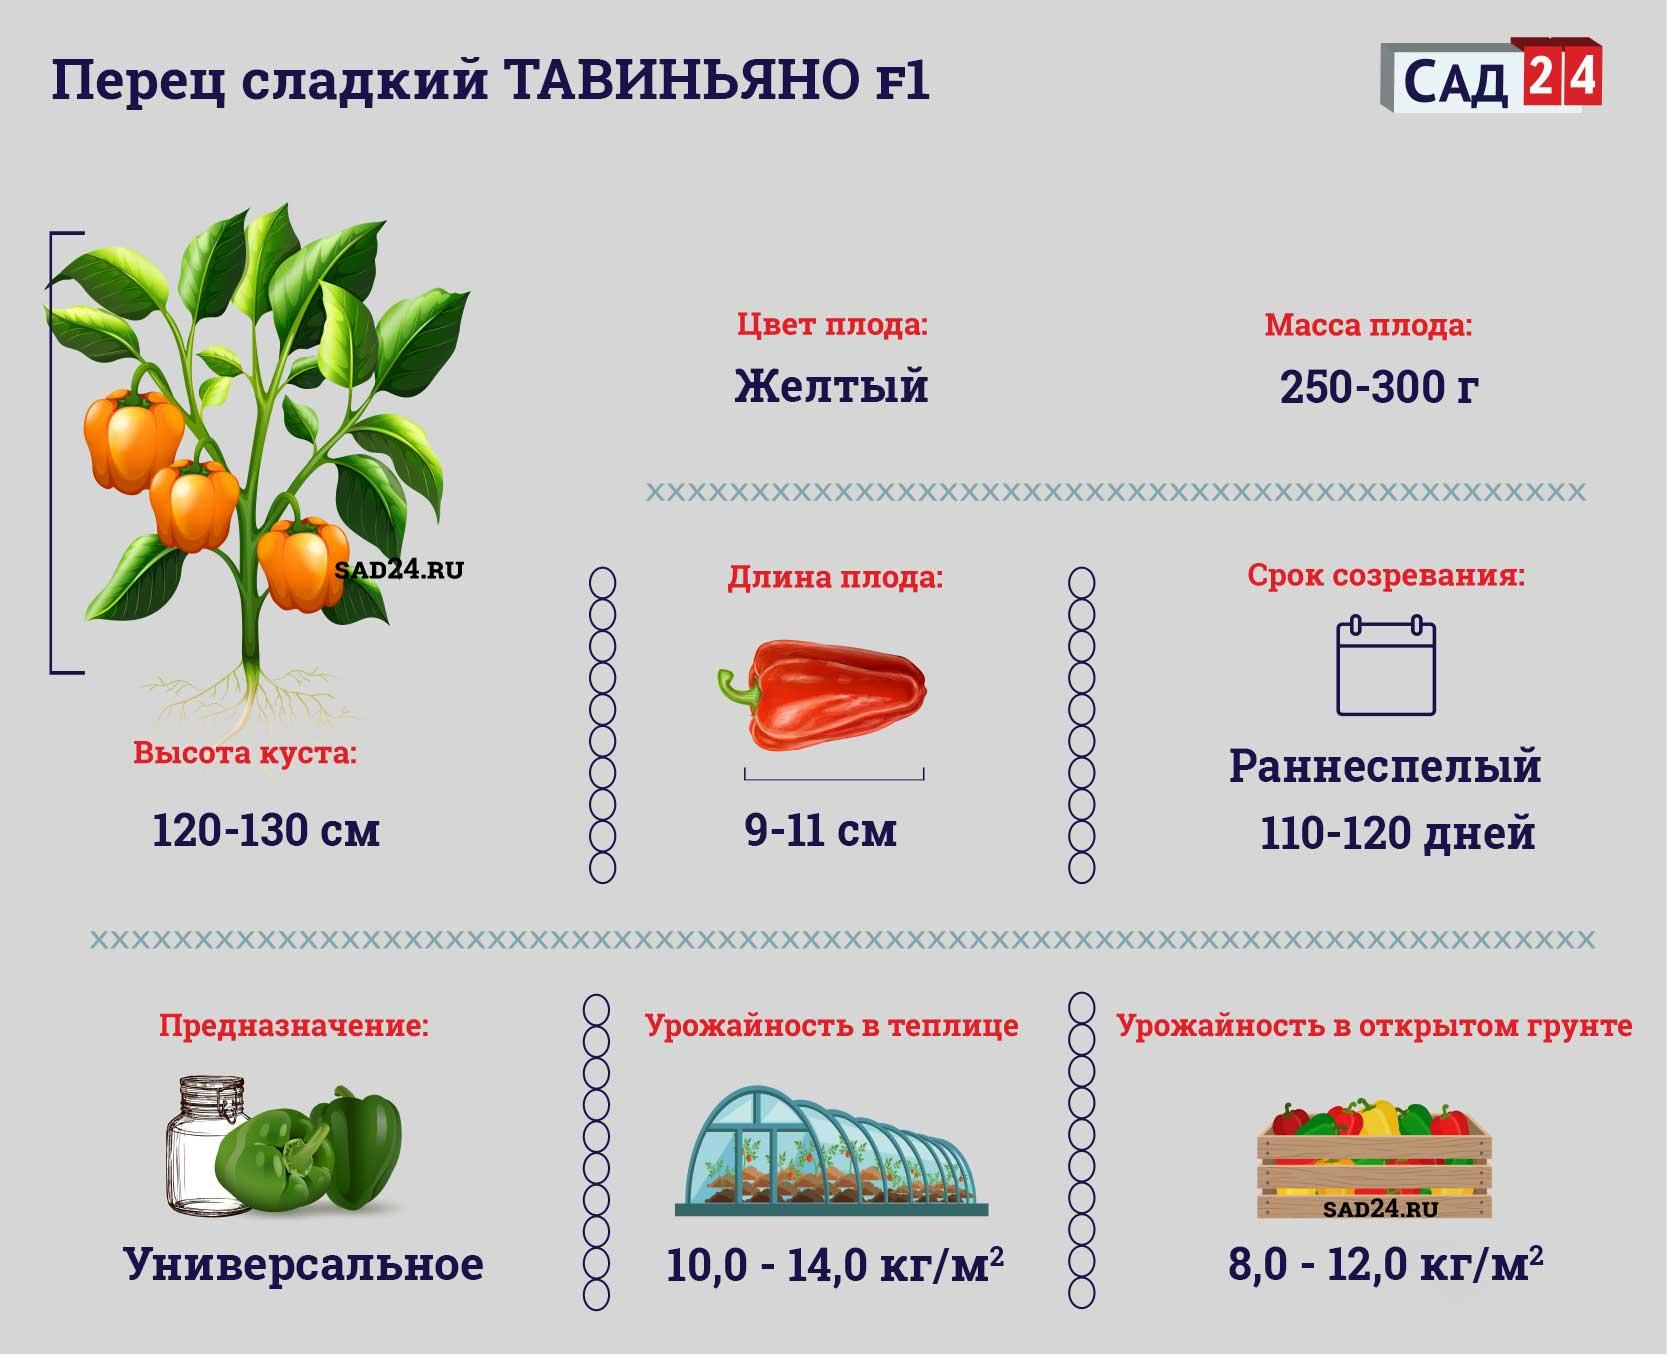 Тавиньяно https://sad24.ru/